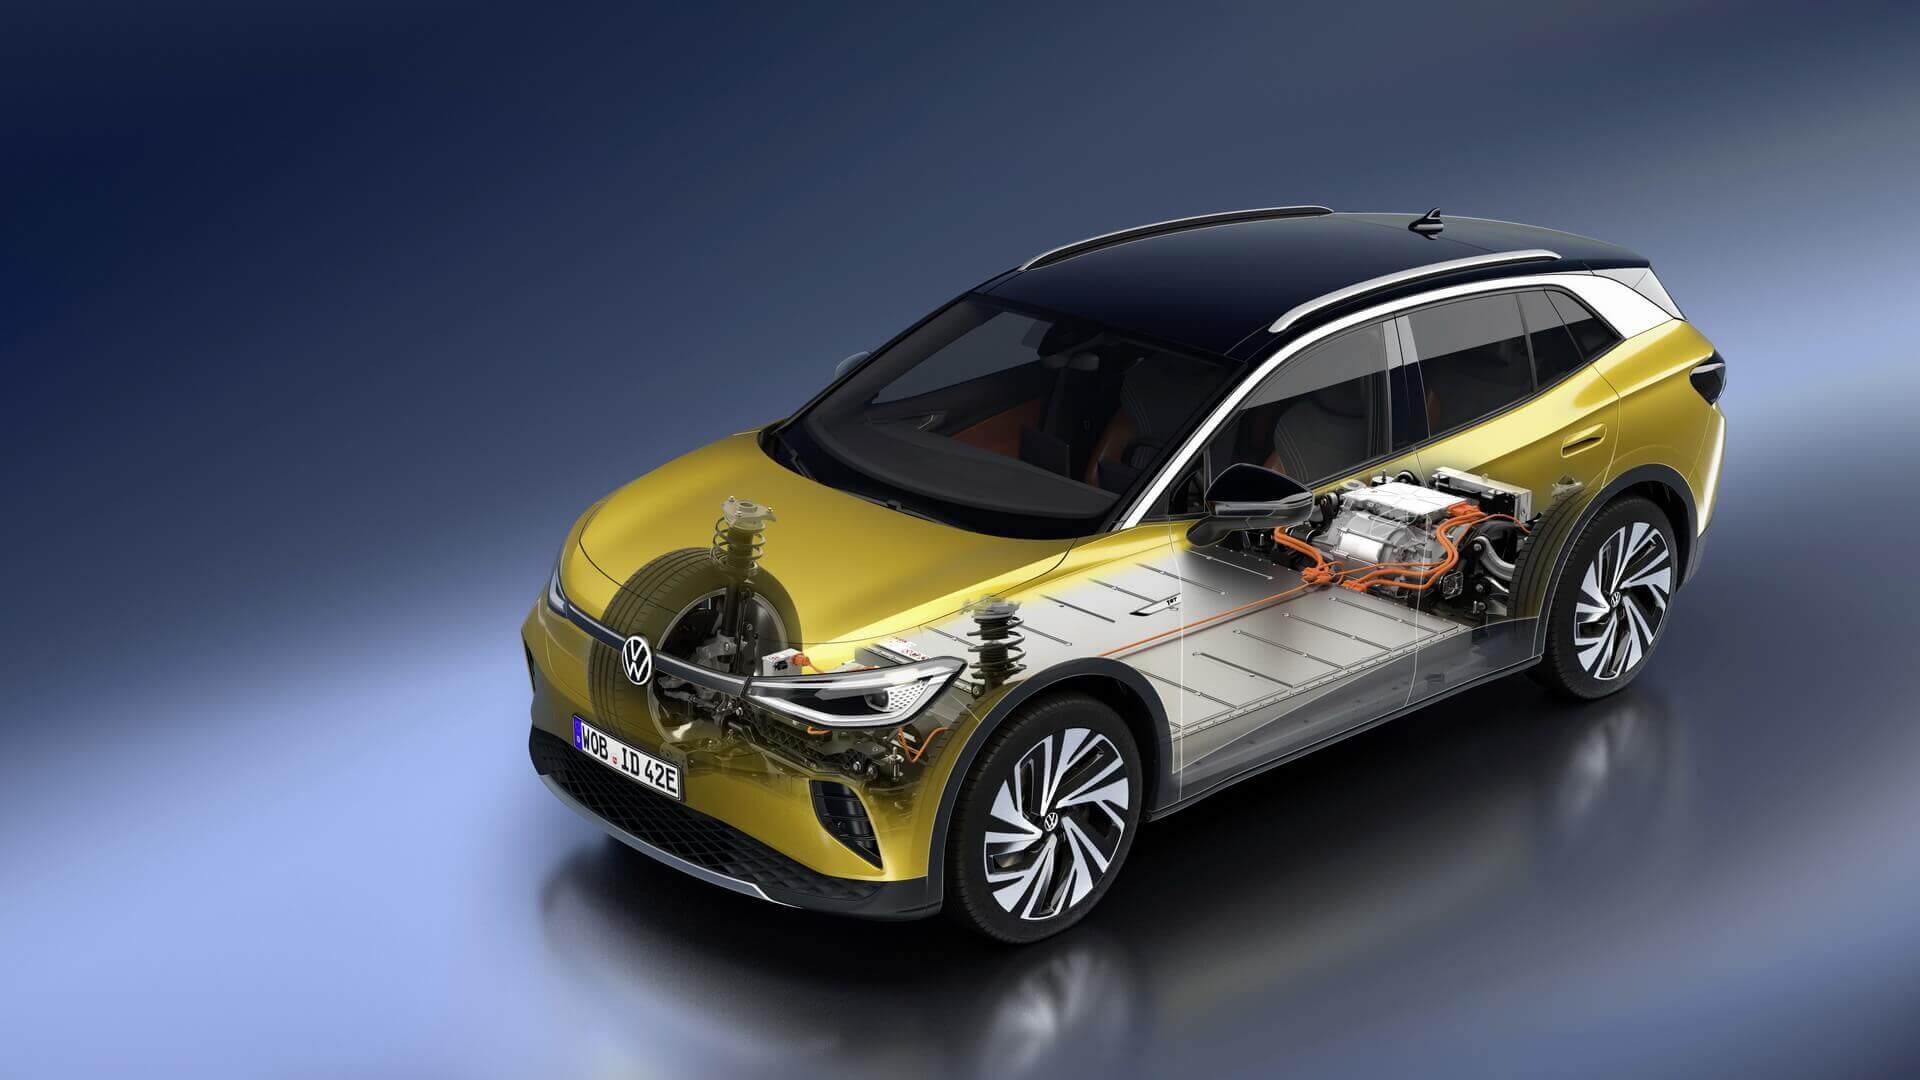 Заднеприводный Volkswagen ID.4 предлагает запас хода до 520 км